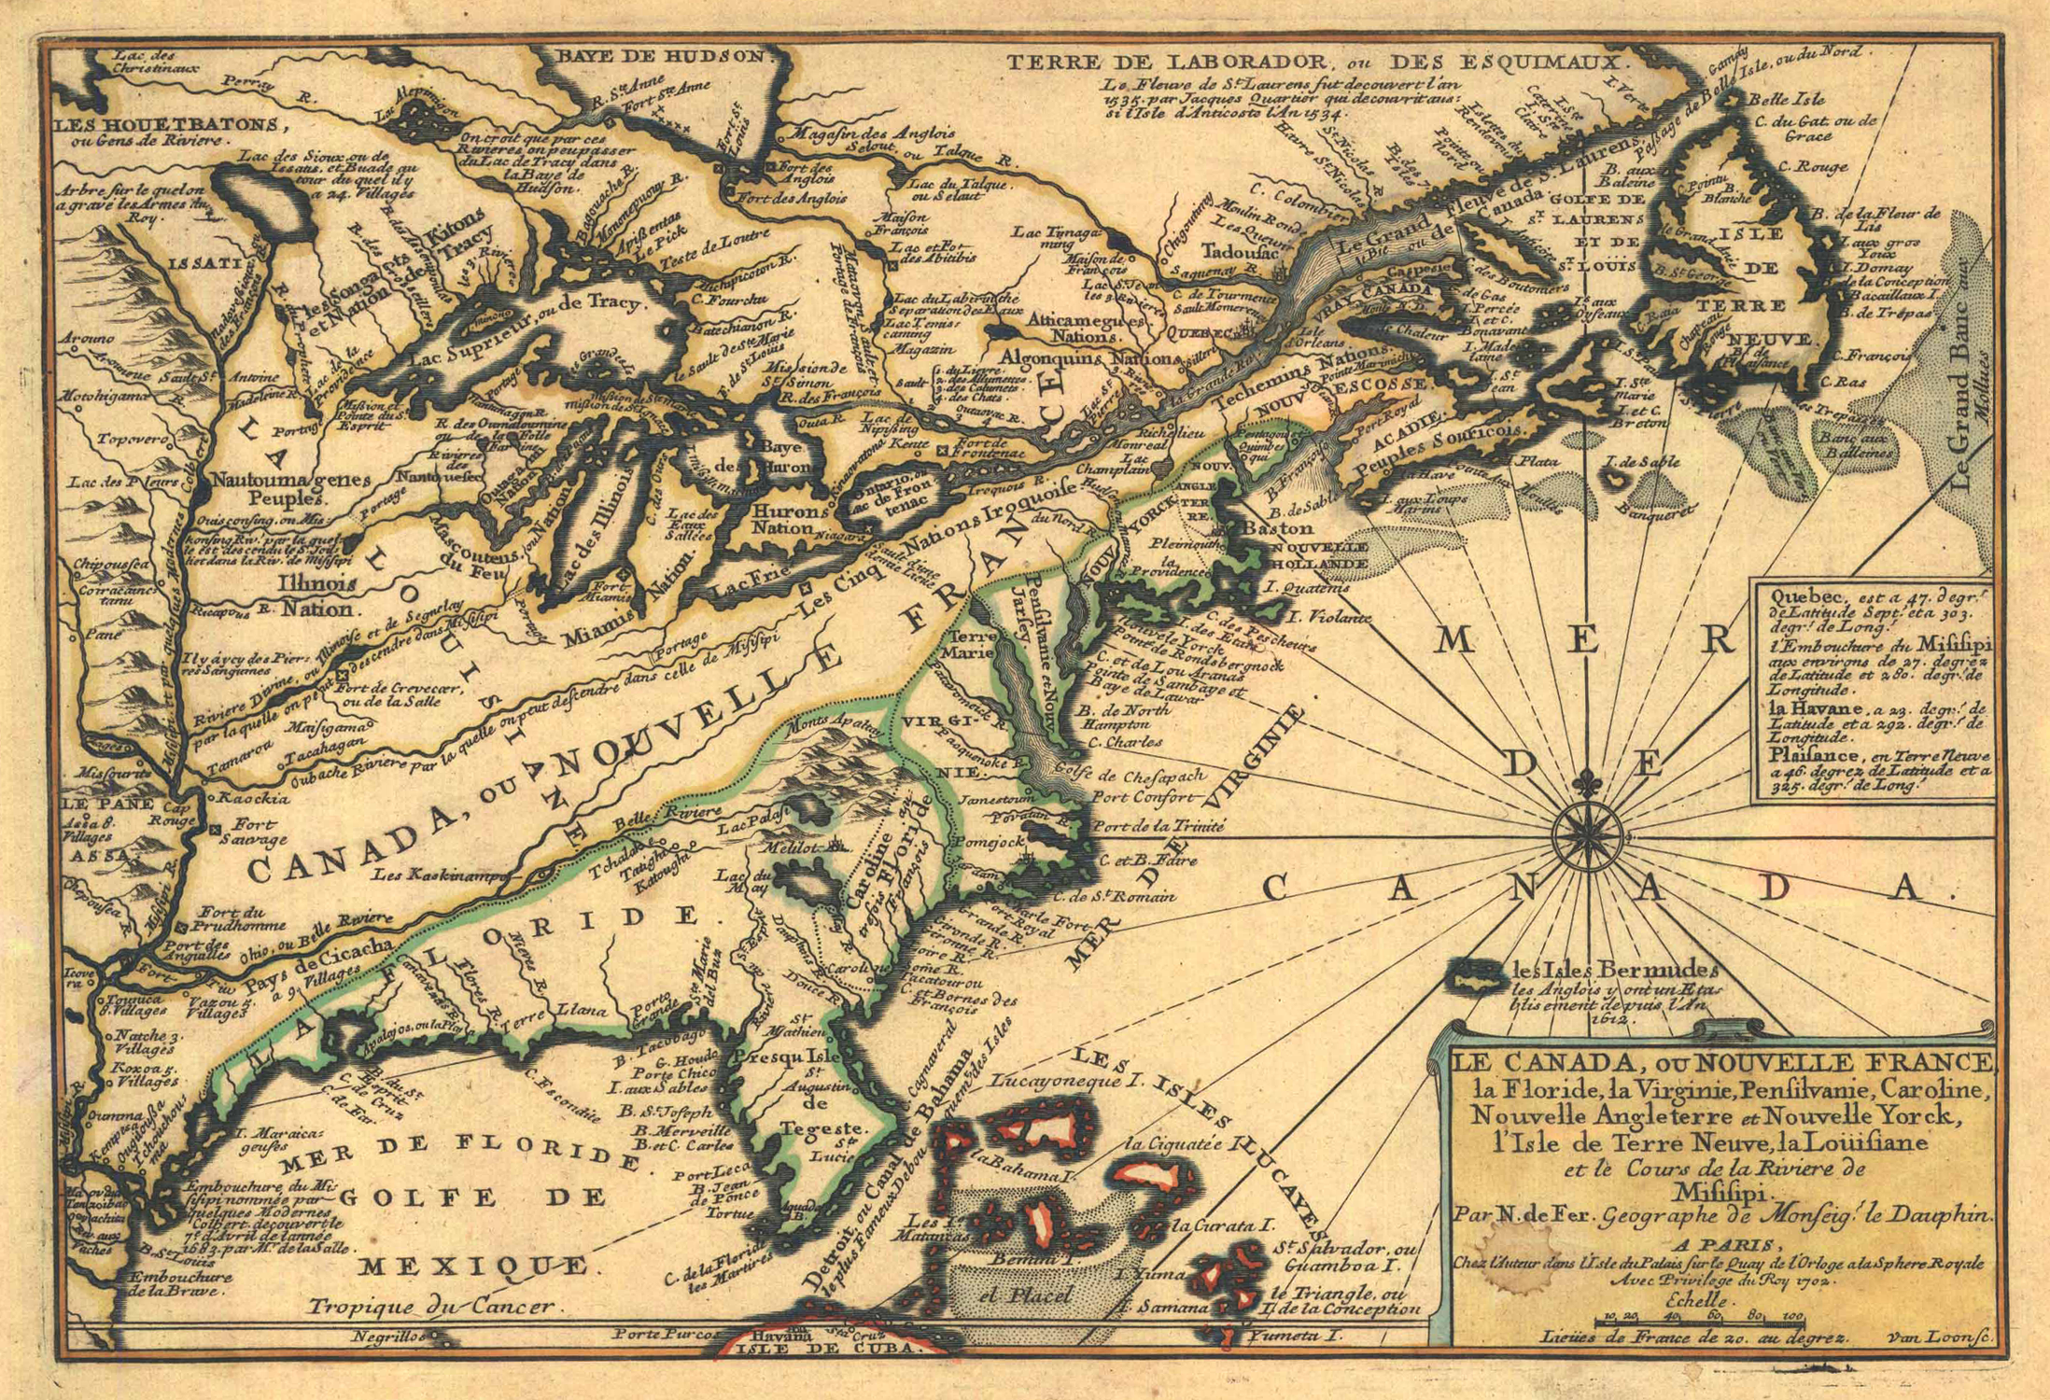 Original title:  Nicolas de Fer: Le Canada, ou Nouvelle France, la Floride, la Virginie, Pensilvanie, Caroline ..., Paris 1702 From: L'Atlas curieux, ou la Monde..., quatrième partie, 1703